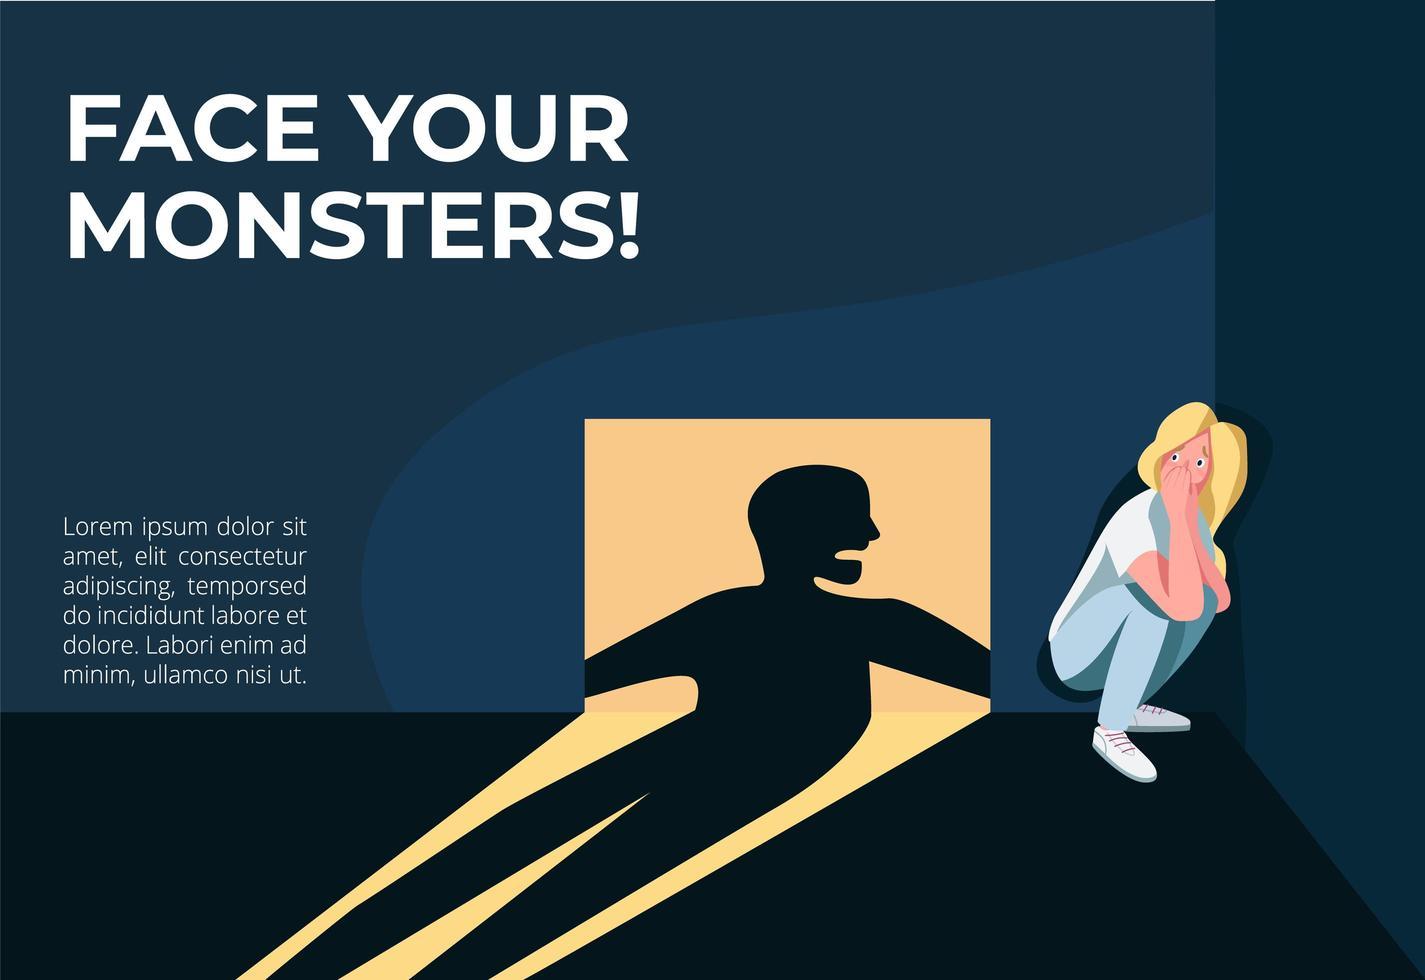 affronta il tuo banner di mostri vettore